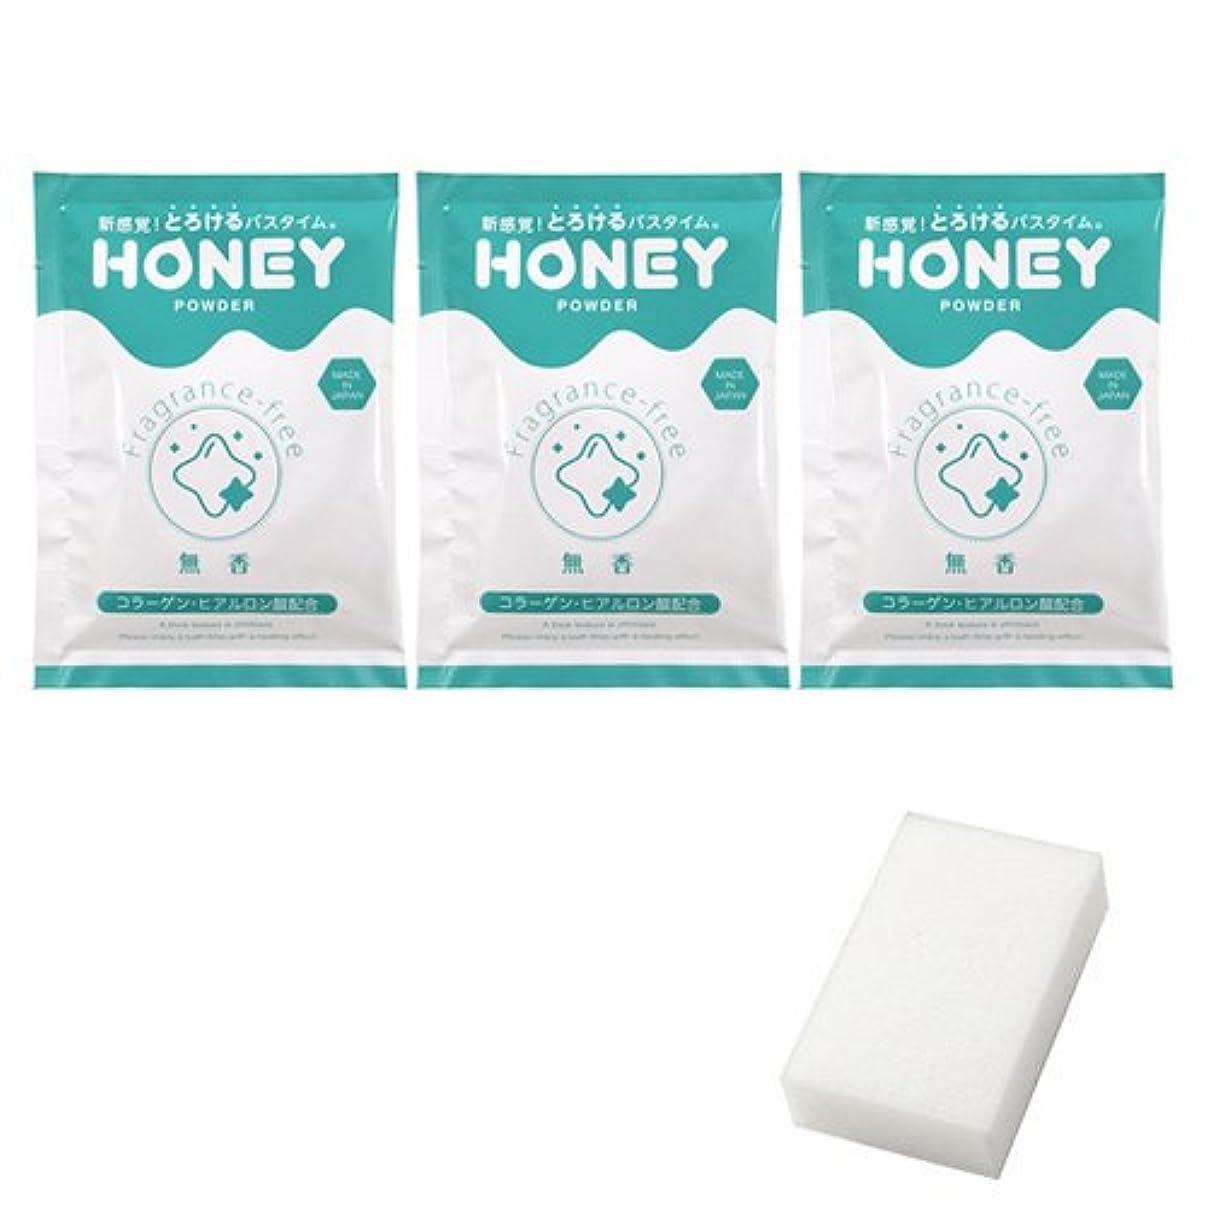 有効学期摩擦とろとろ入浴剤【honey powder】(ハニーパウダー) 無香タイプ 3個セット + 圧縮スポンジセット